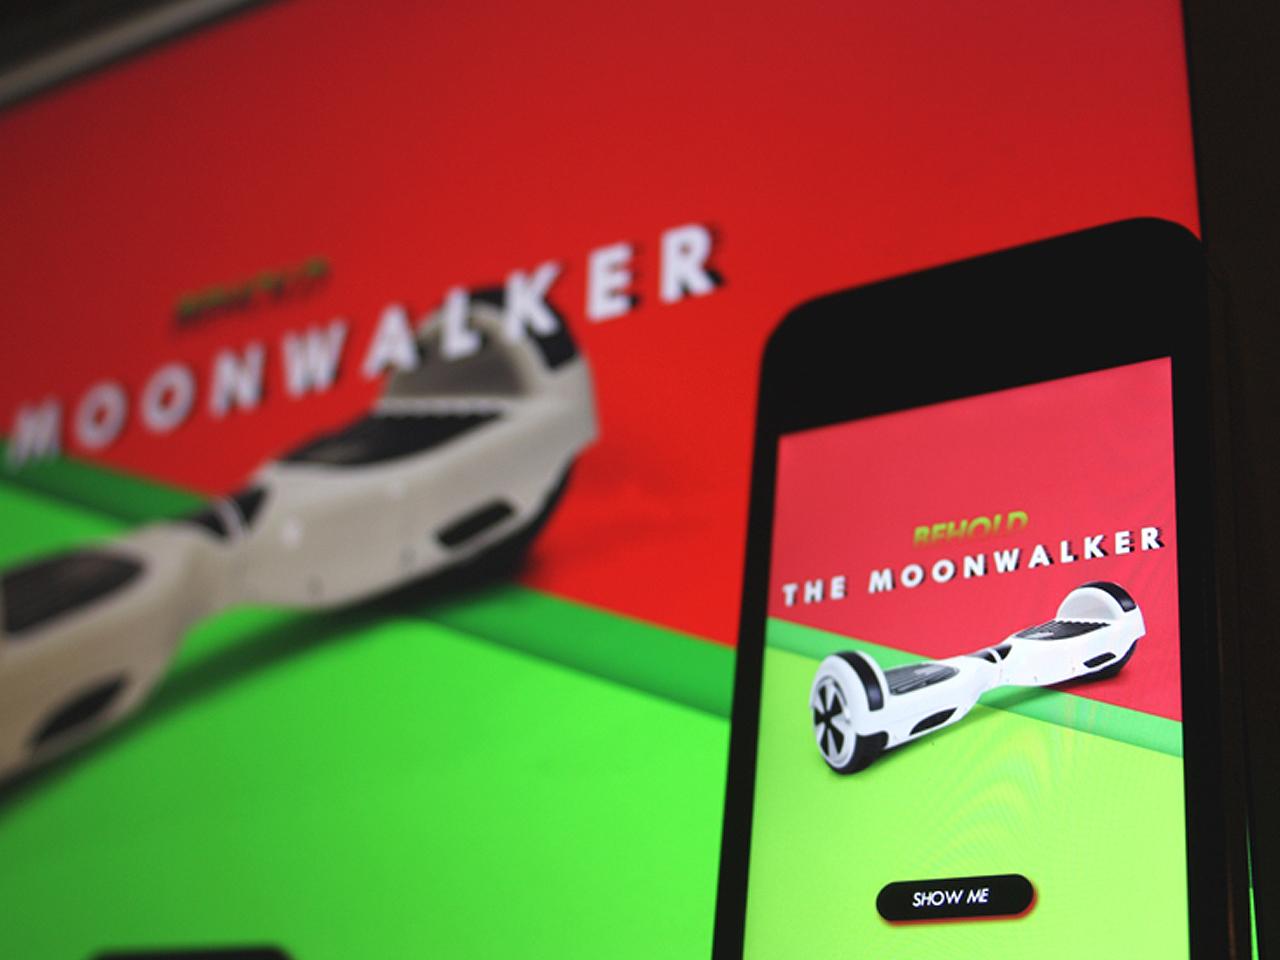 moonwalker landing page